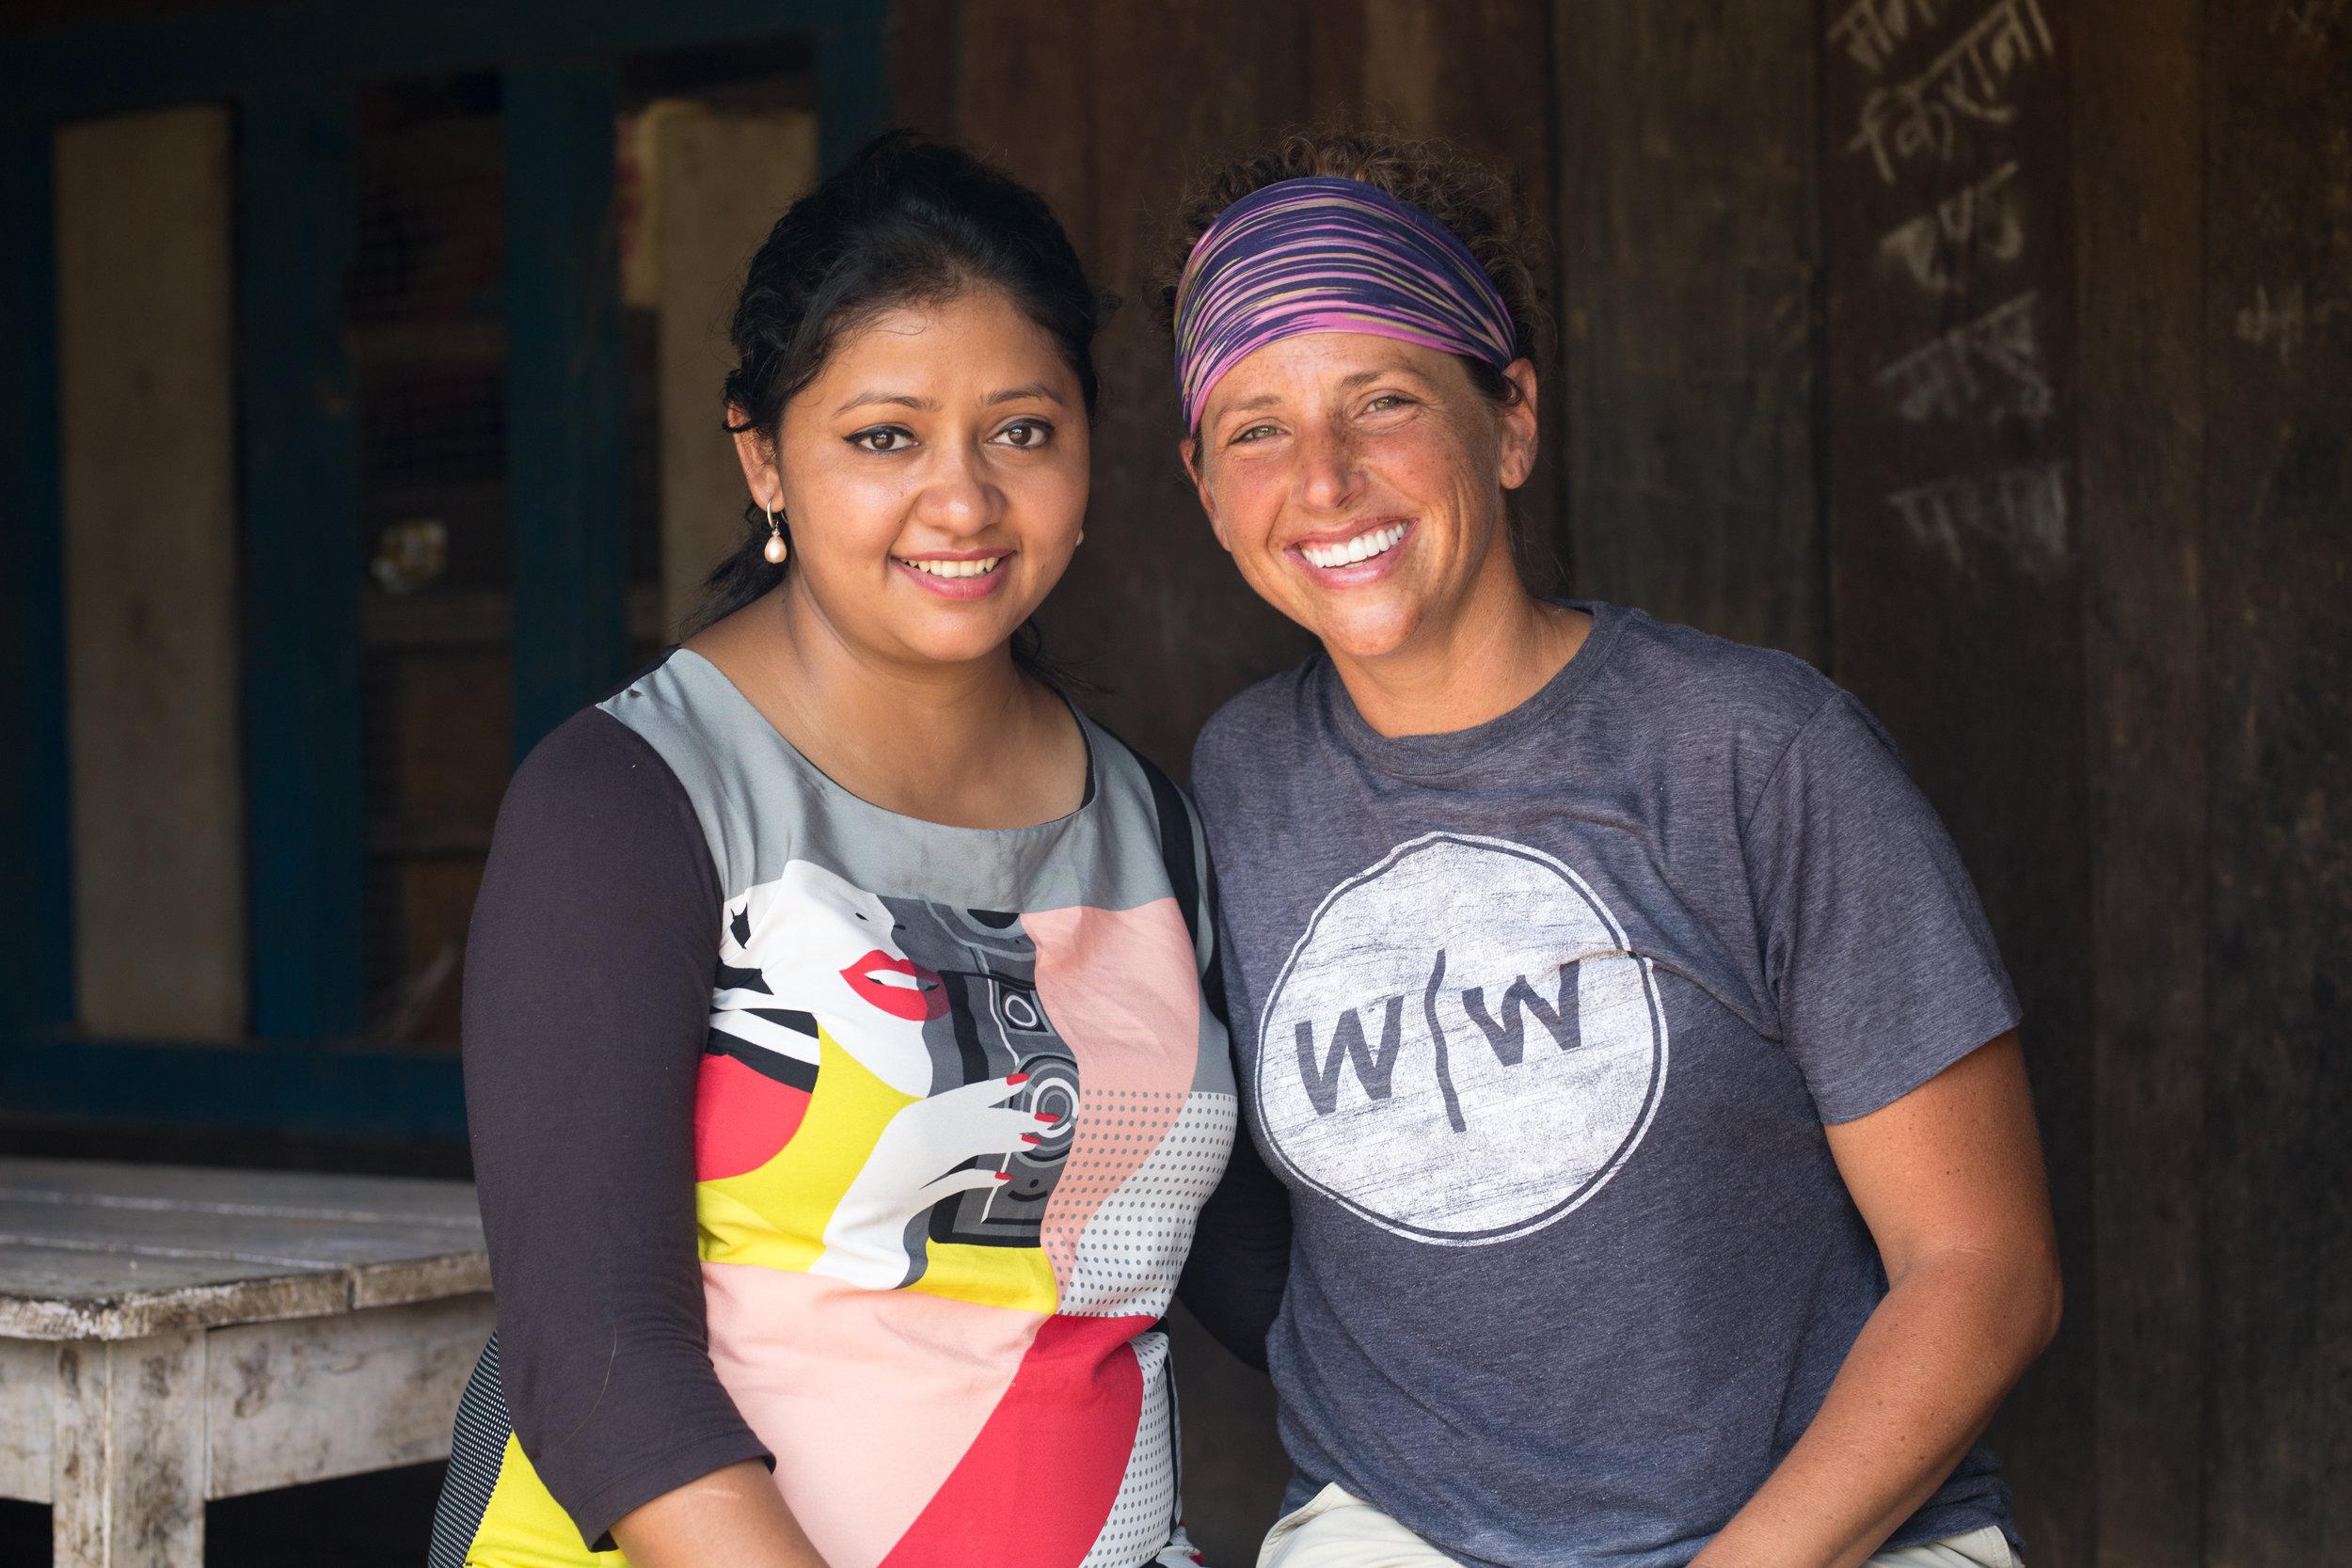 Roshani Karki (left) and Leslie Cuthbert enjoying time together.